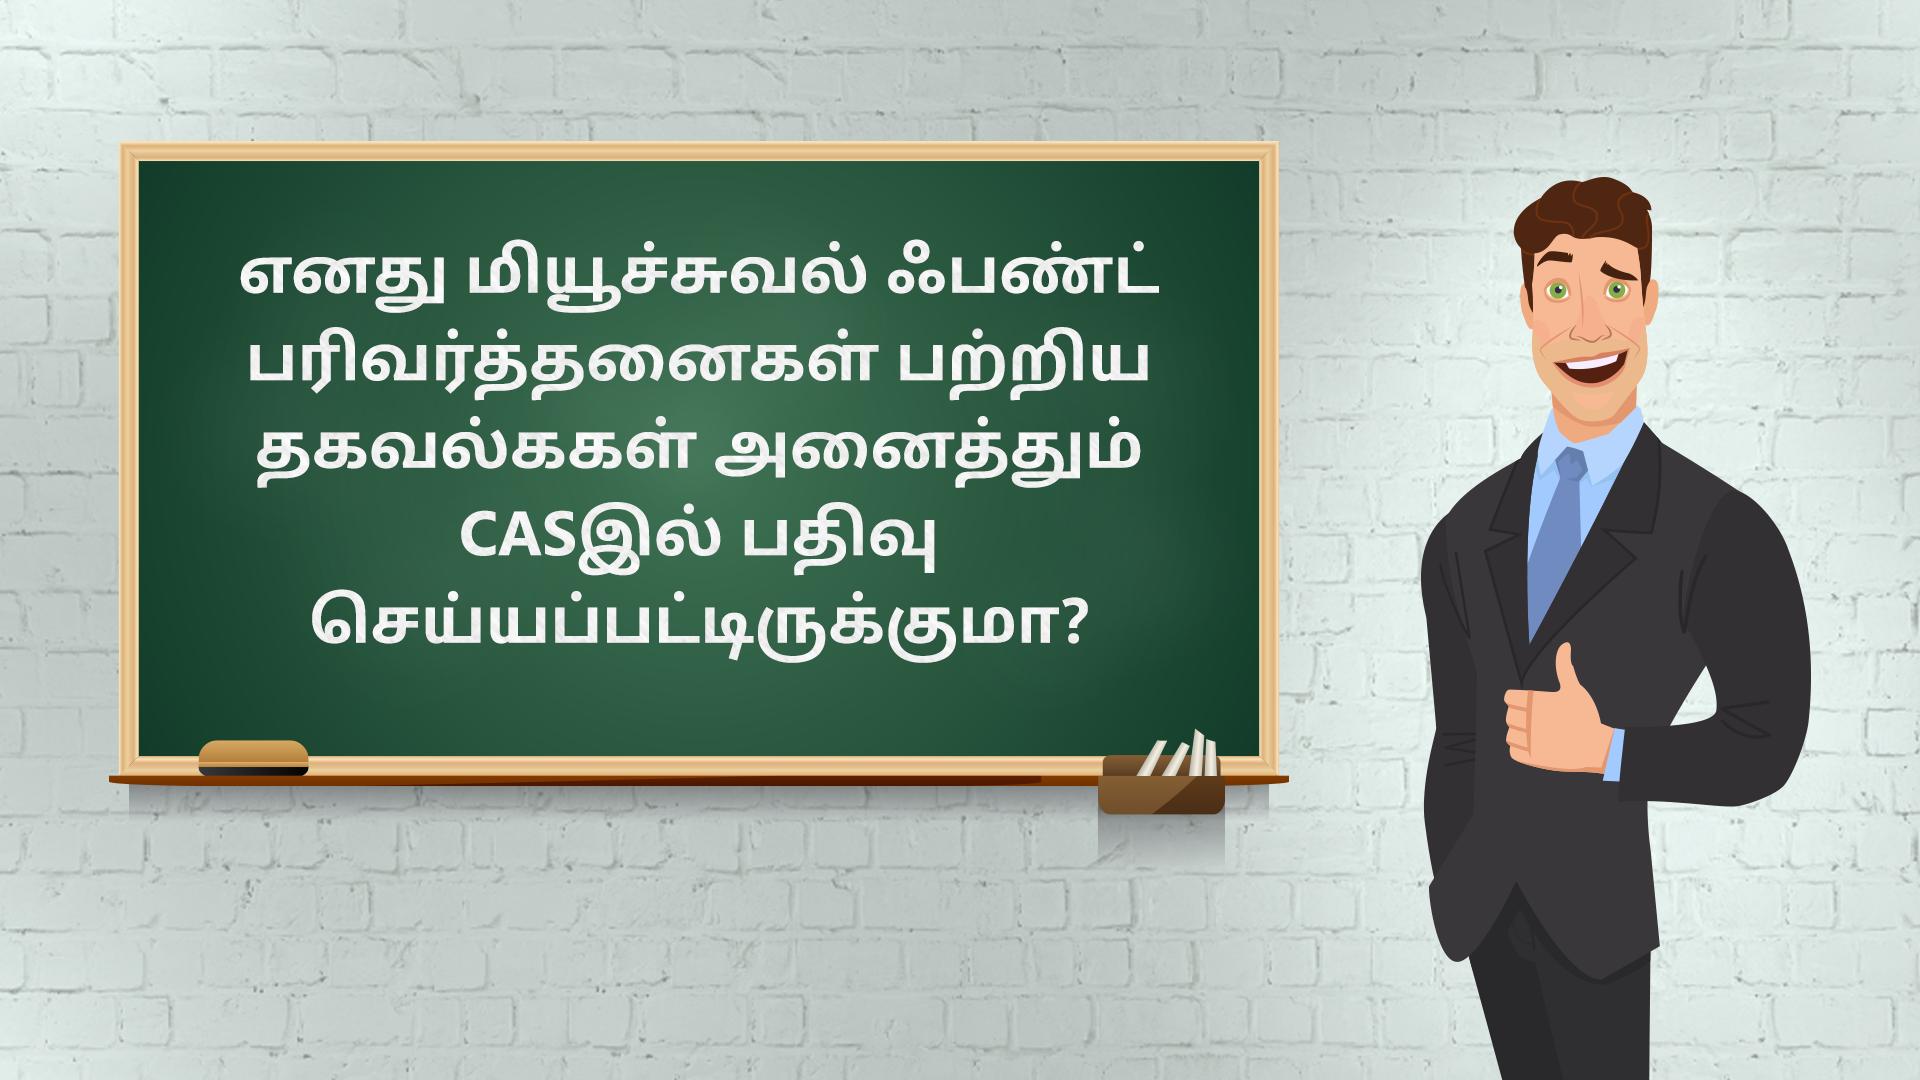 CAS (संयुक्त अकाउंट स्टेटमेंट) क्या होती है?